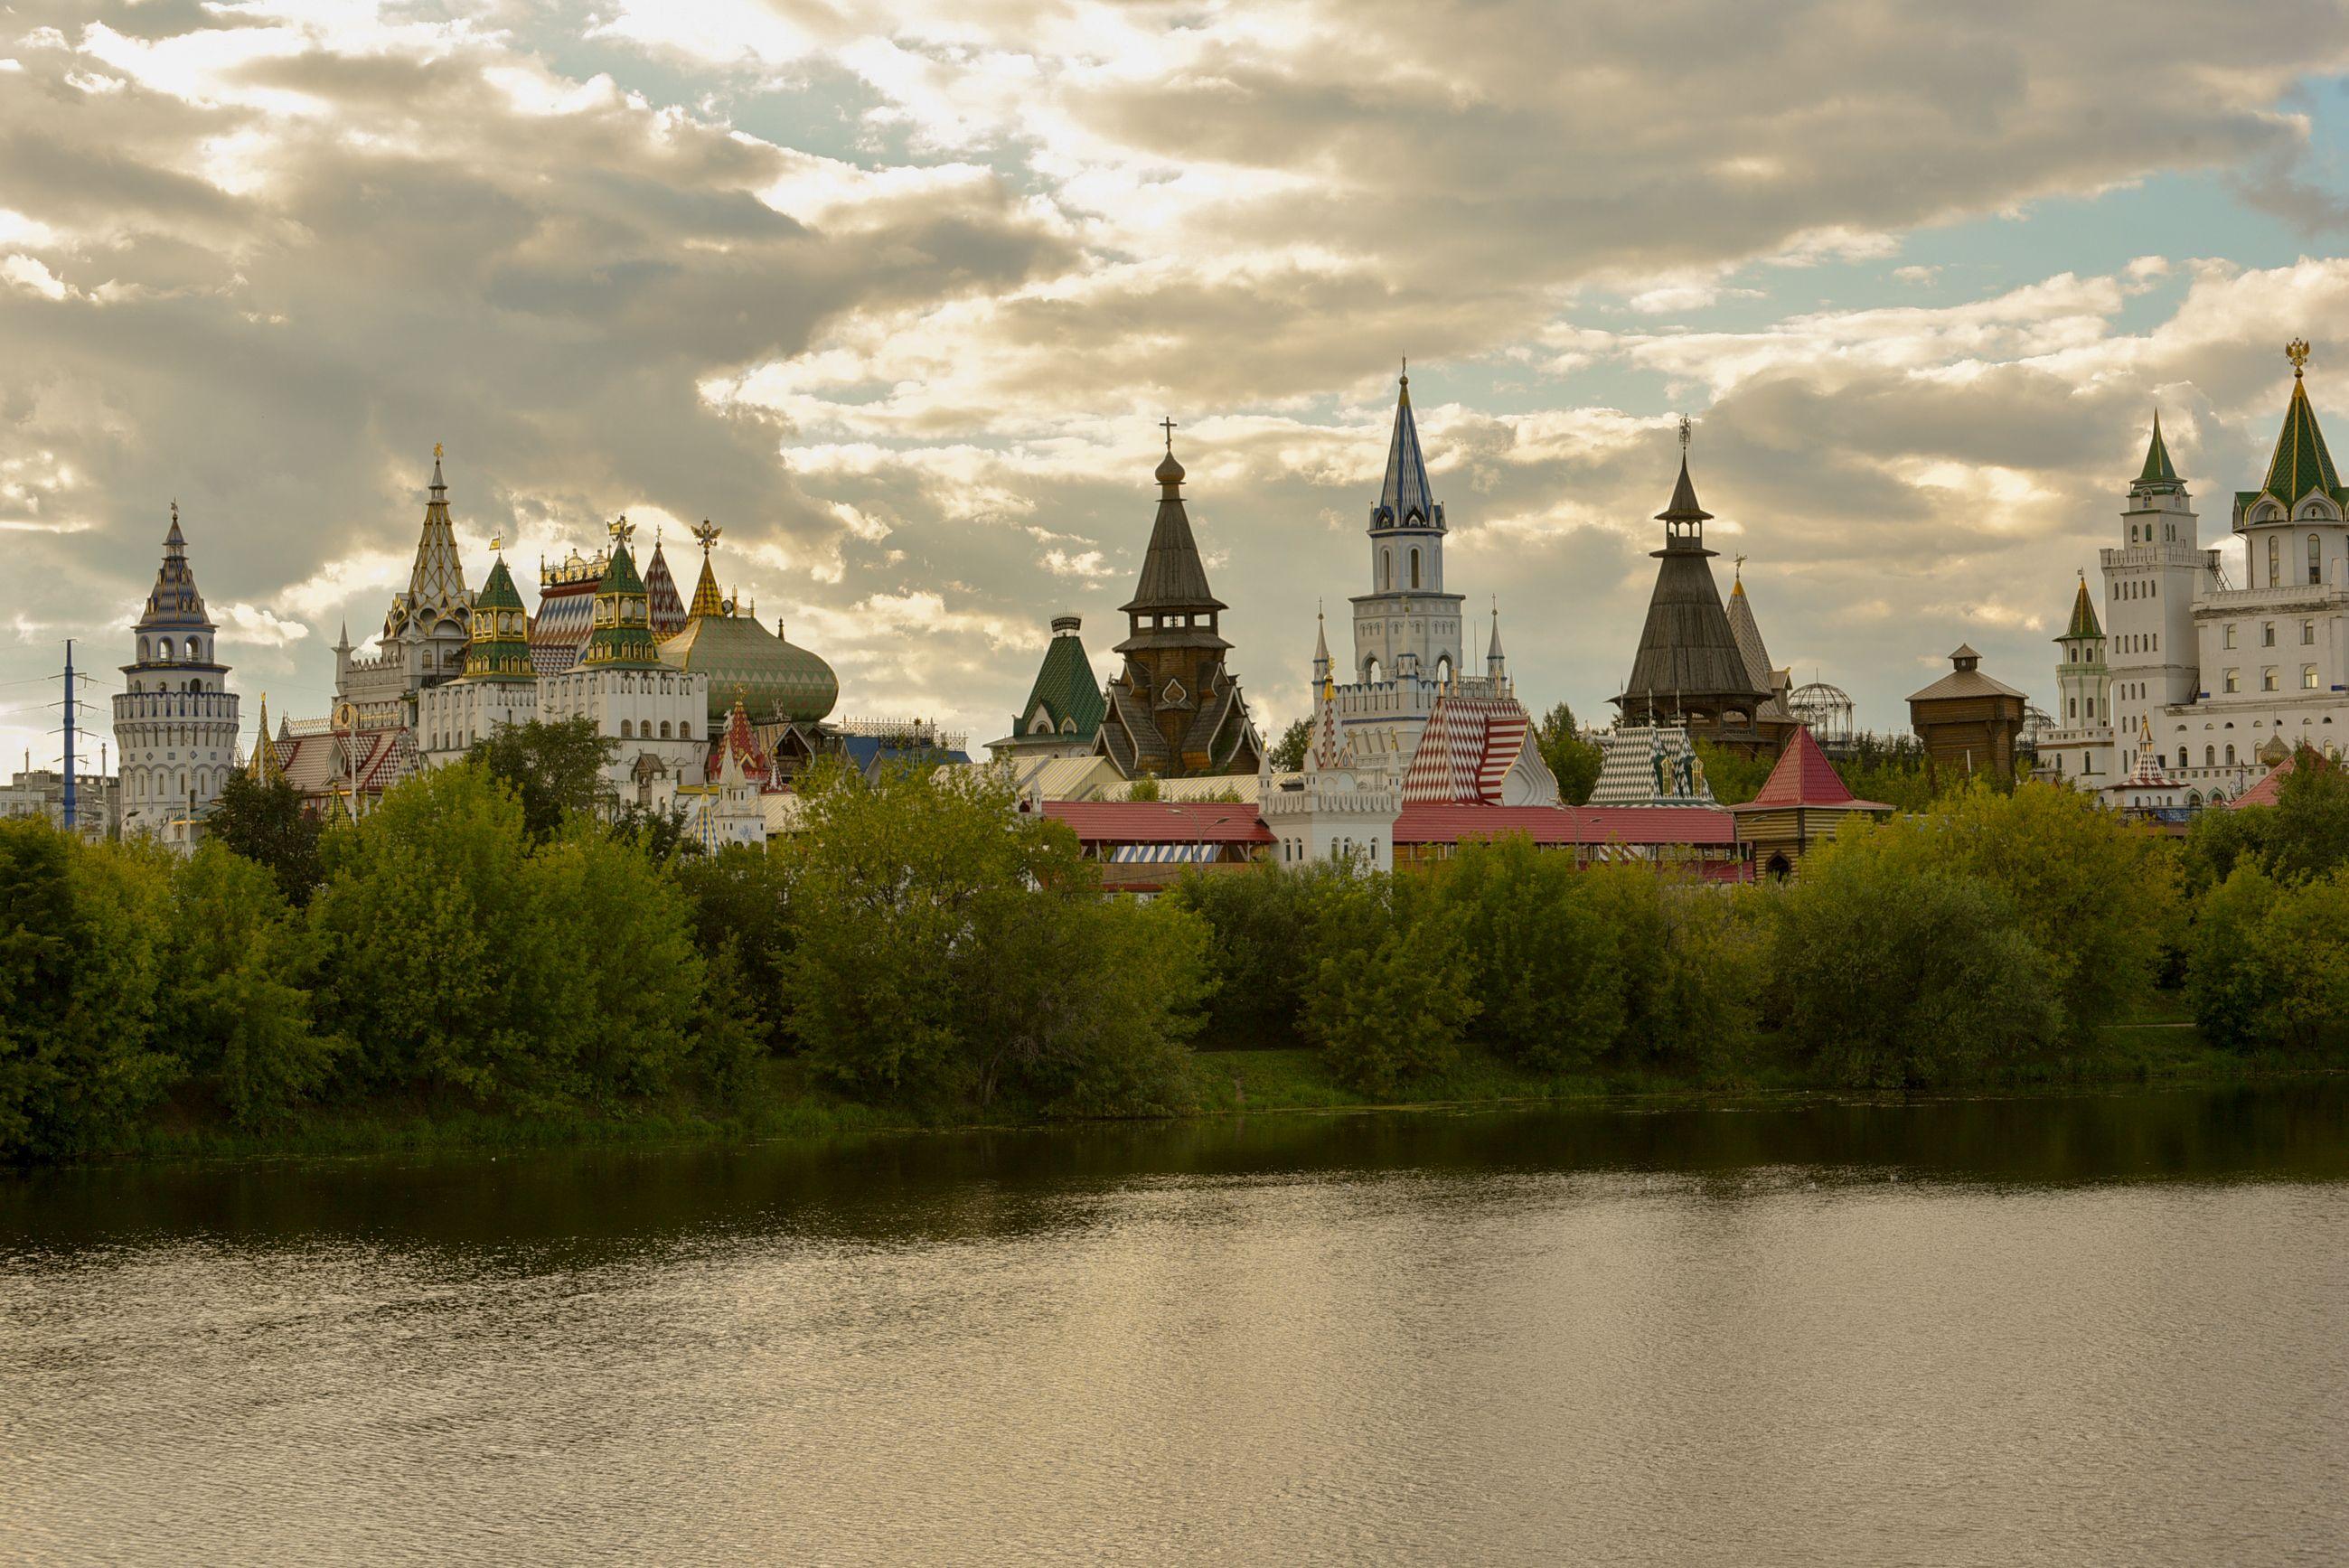 Аномально жаркий сентябрь побил 64-летний рекорд в Москве